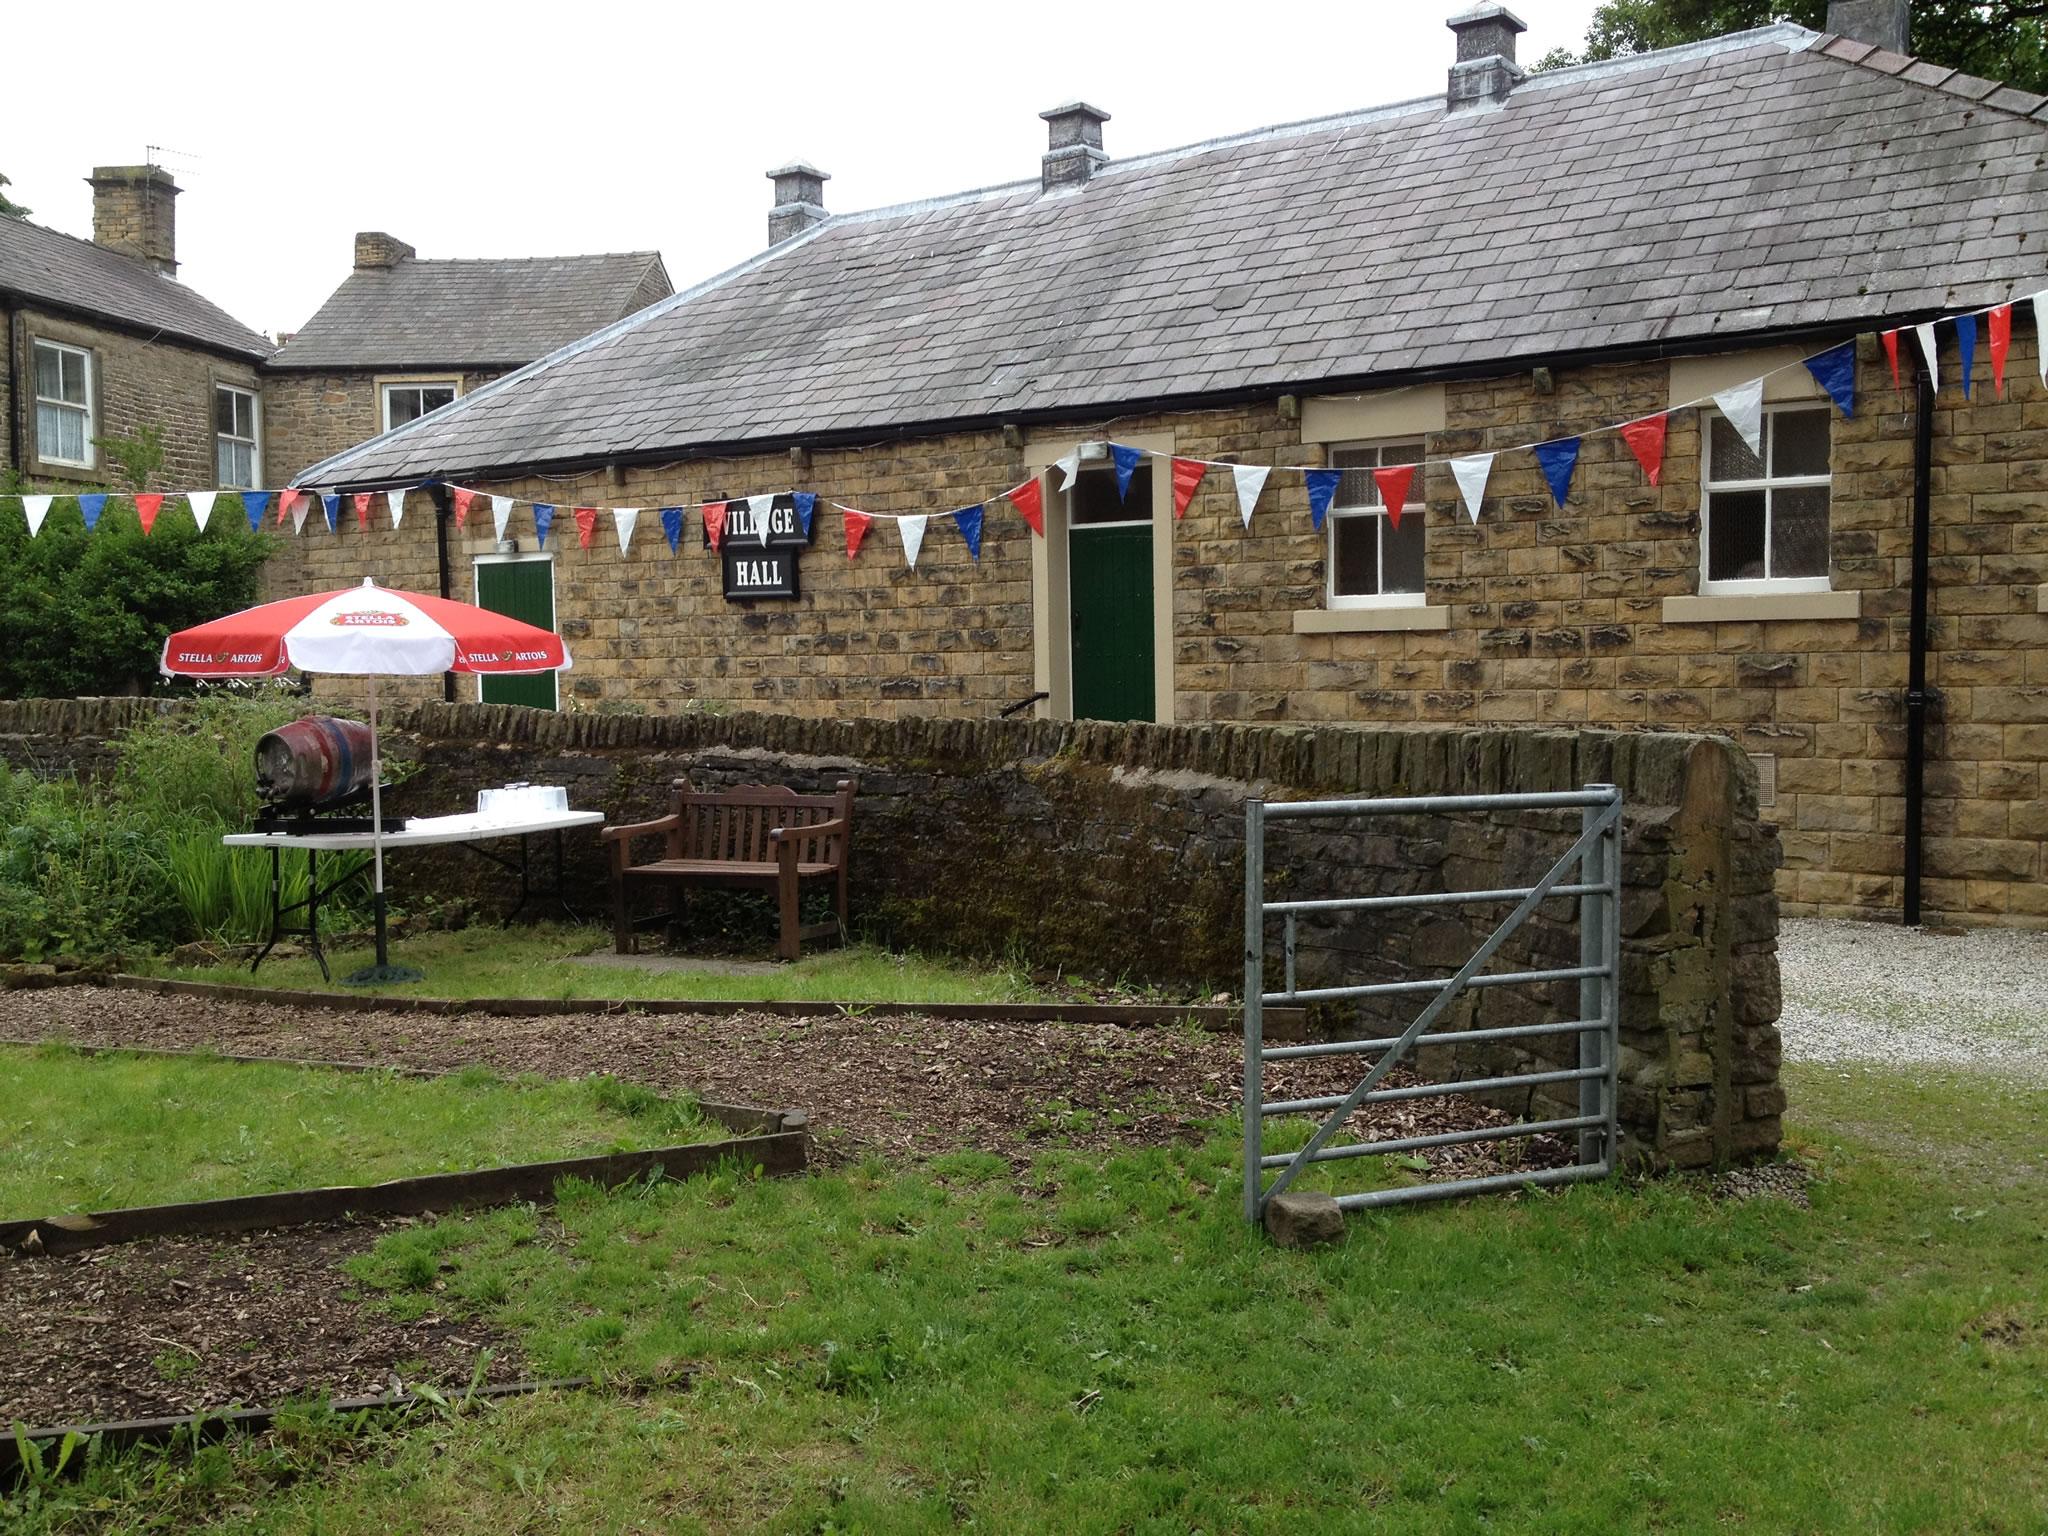 Hayfield Village Hall exterior 2